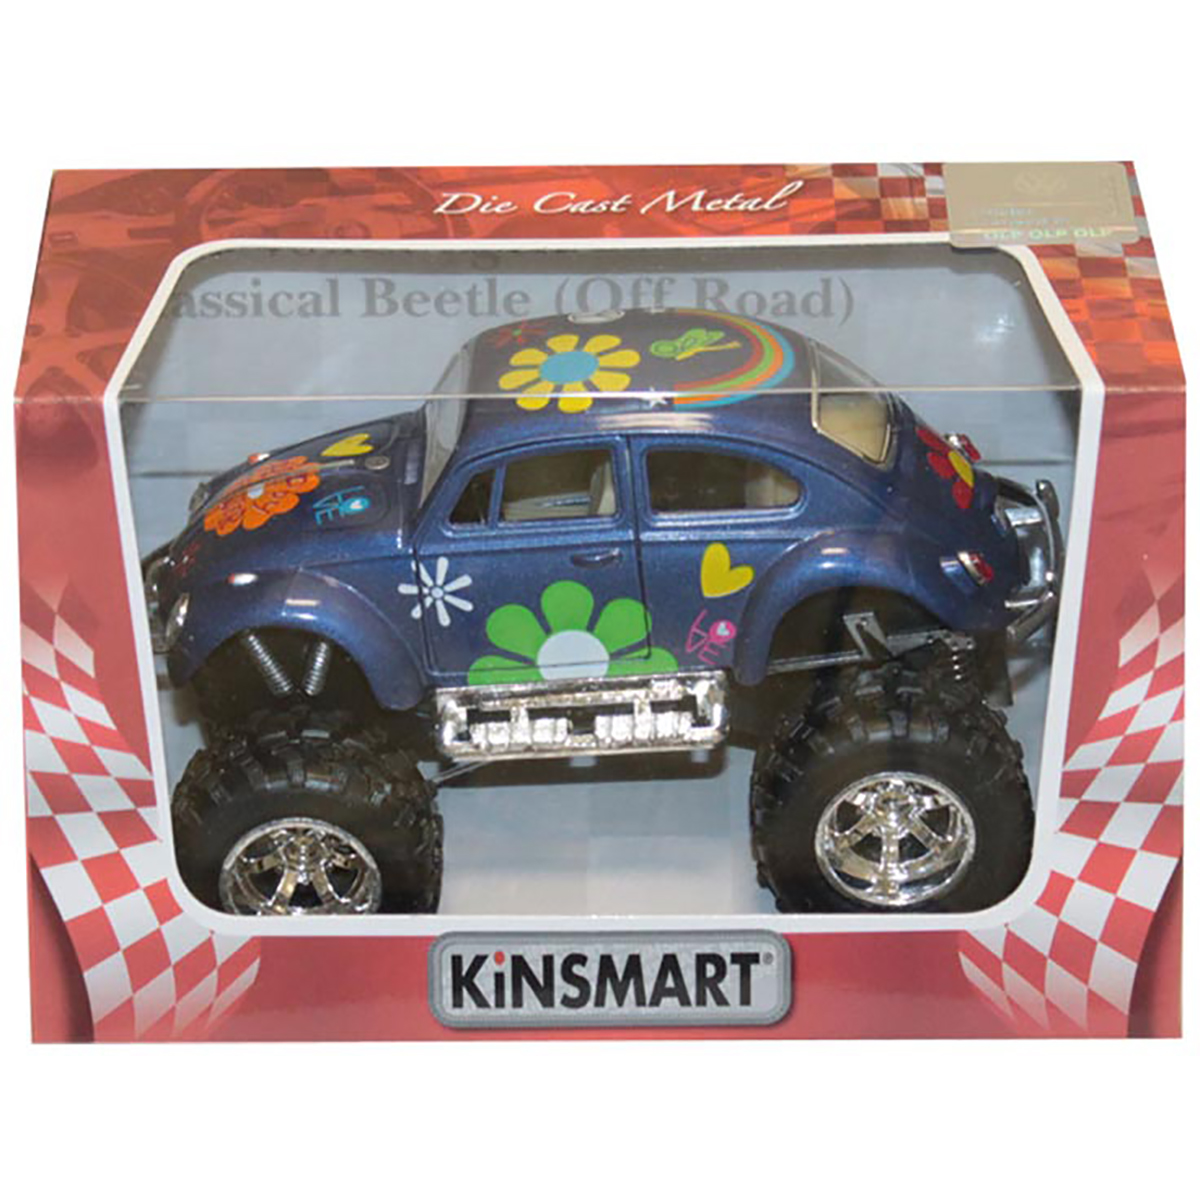 Masinuta metalica de off-road Kinsmart, Volkswagen Beetle, Albastru